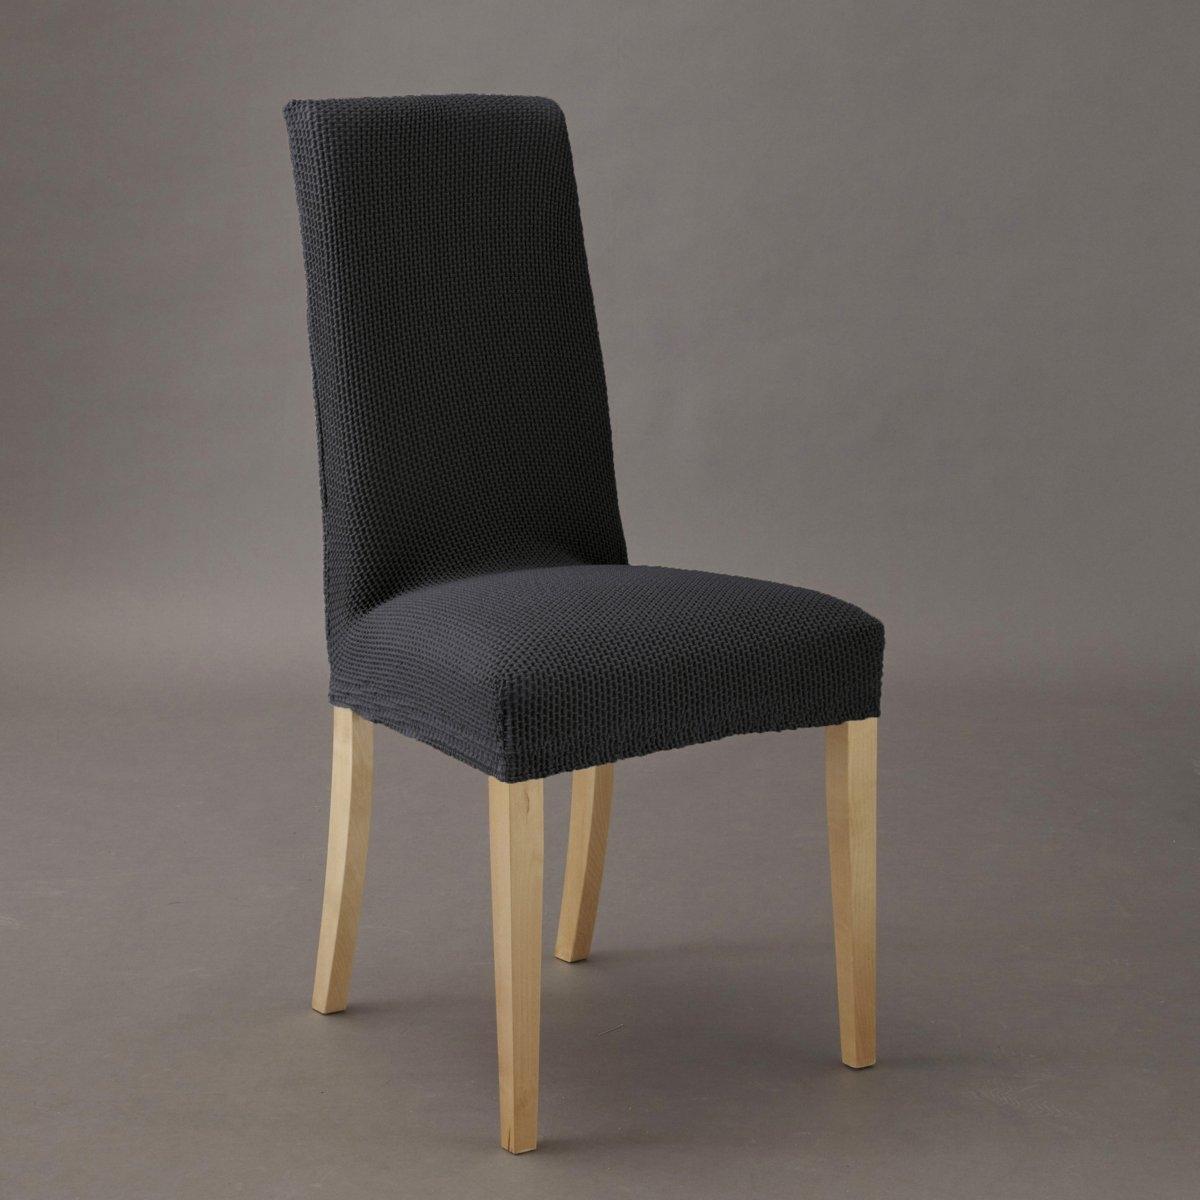 Чехол для стула АхмисХарактеристики : -гофрированная ткань, 55% хлопка, 40% полиэстера, 5% эластана  стирка при 30° .  Эластичный низ, идеально обтягивает стул  !Размеры : Спинка :Высота  : 54 см максимум 68 см Ширина  : 34 см максимум 53 см Сиденье :Высота  : 10 см Ширина  : 29 см максимум 54 см Глубина : 26 см максимум 43 см Чехол для дивана и чехол для кресла из коллекции Вы можете найти на laredoute . ru .<br><br>Цвет: антрацит,бежевый,красный,серо-коричневый каштан,серый,черный,экрю<br>Размер: единый размер.единый размер.единый размер